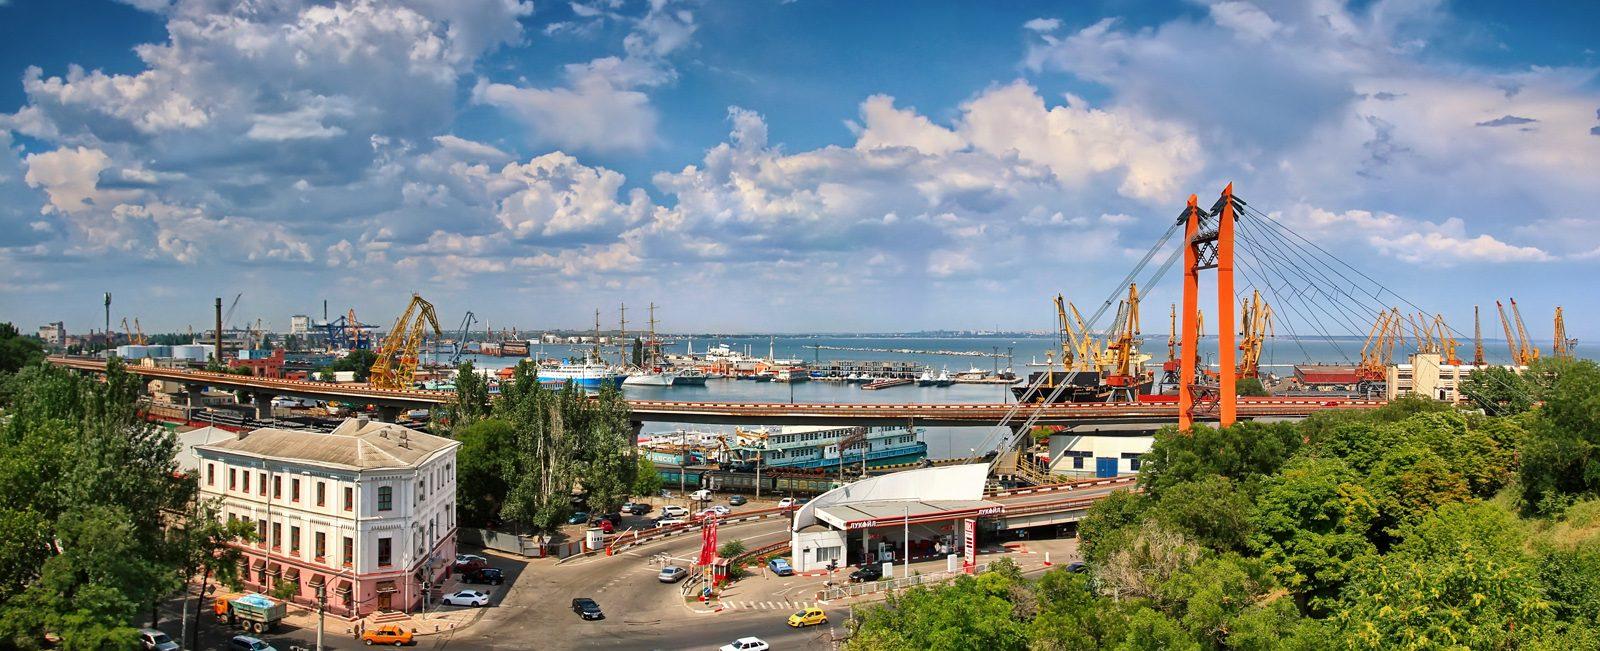 Одесса, 2009